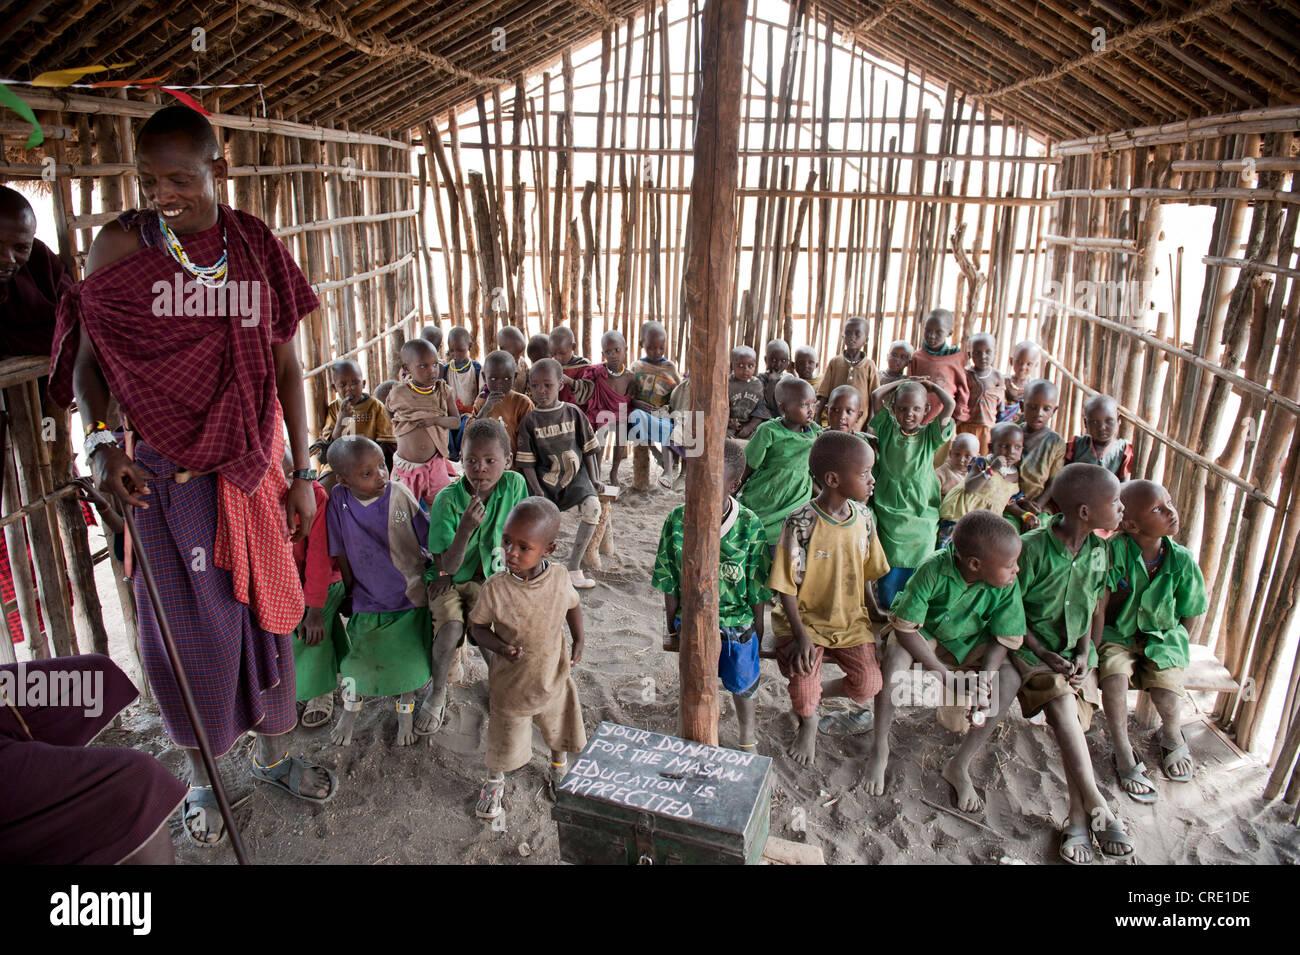 La educación y la pobreza, las donaciones, la escuela, los niños en una escuela primaria, clases con un Imagen De Stock